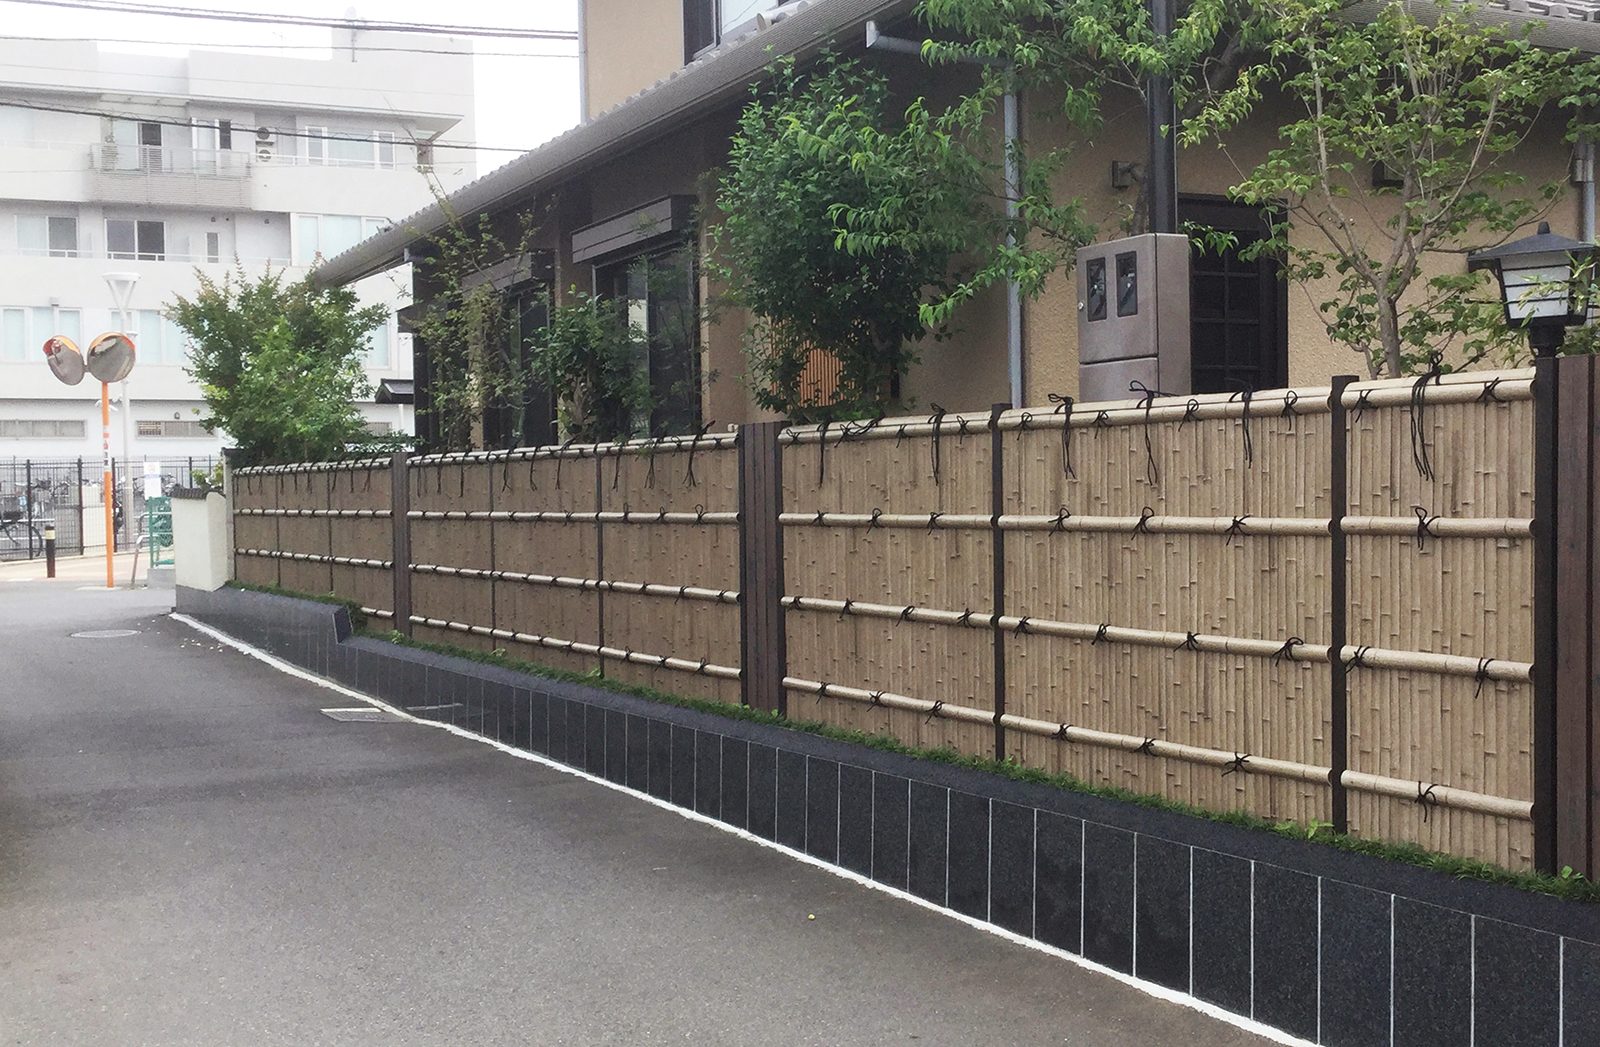 和と創作の庭部門 銀賞 / 株式会社ビバホーム 様(神奈川県)